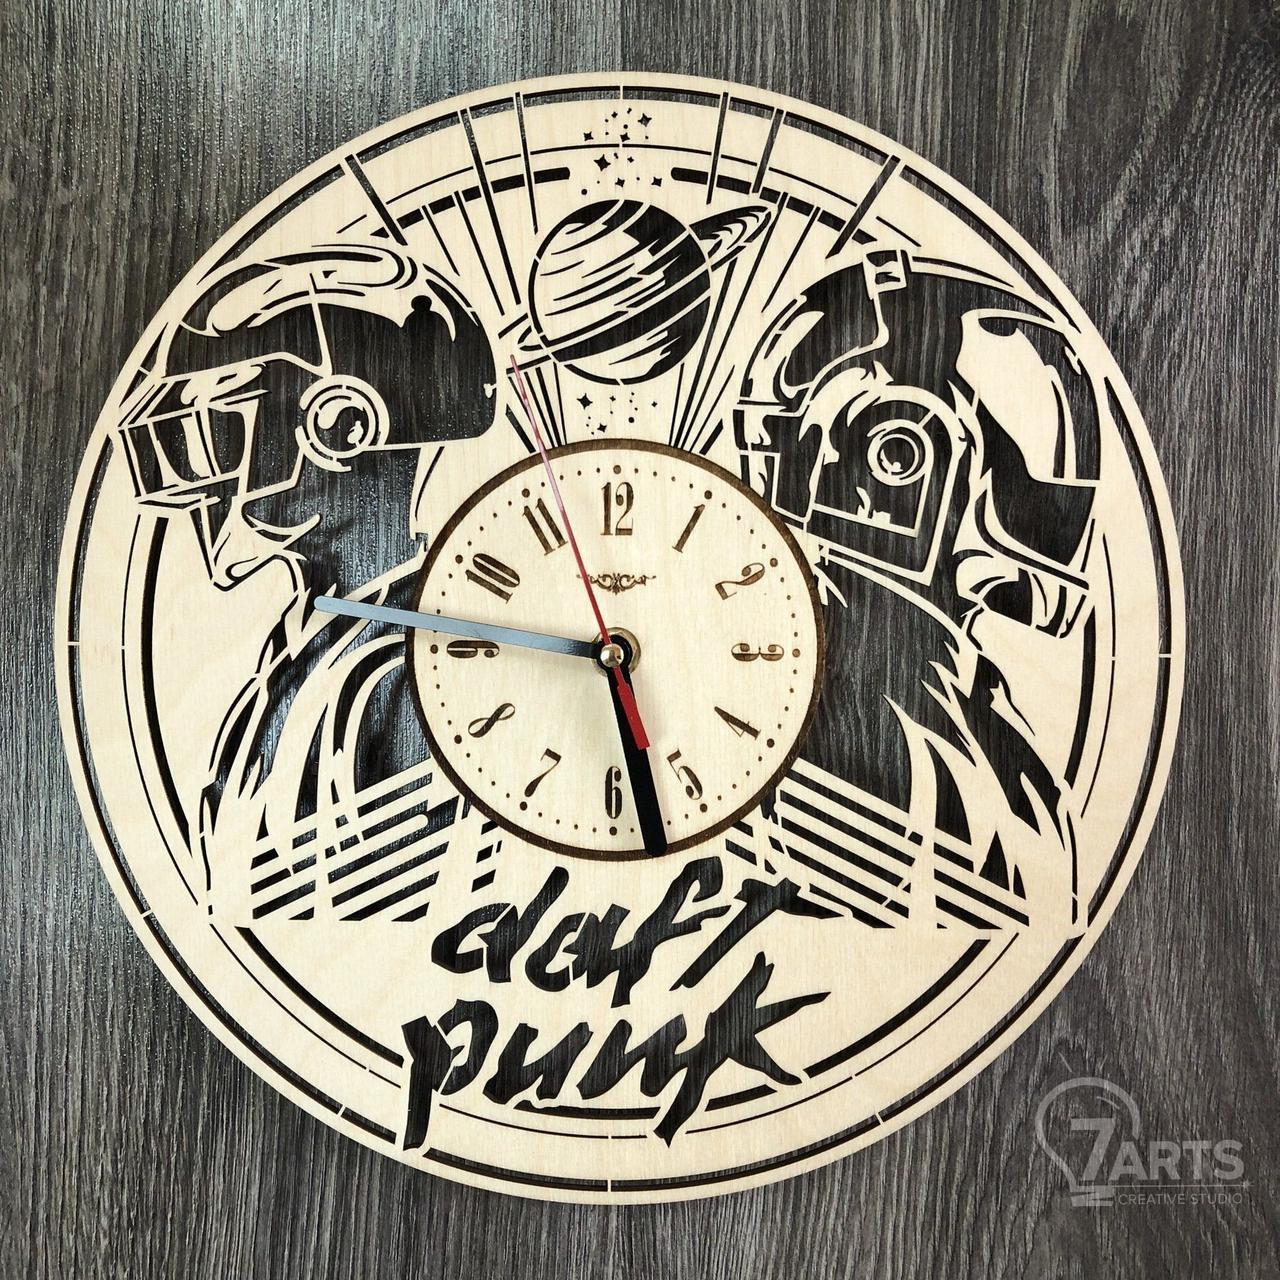 Концептуальные настенные часы в интерьер «Daft Punk»